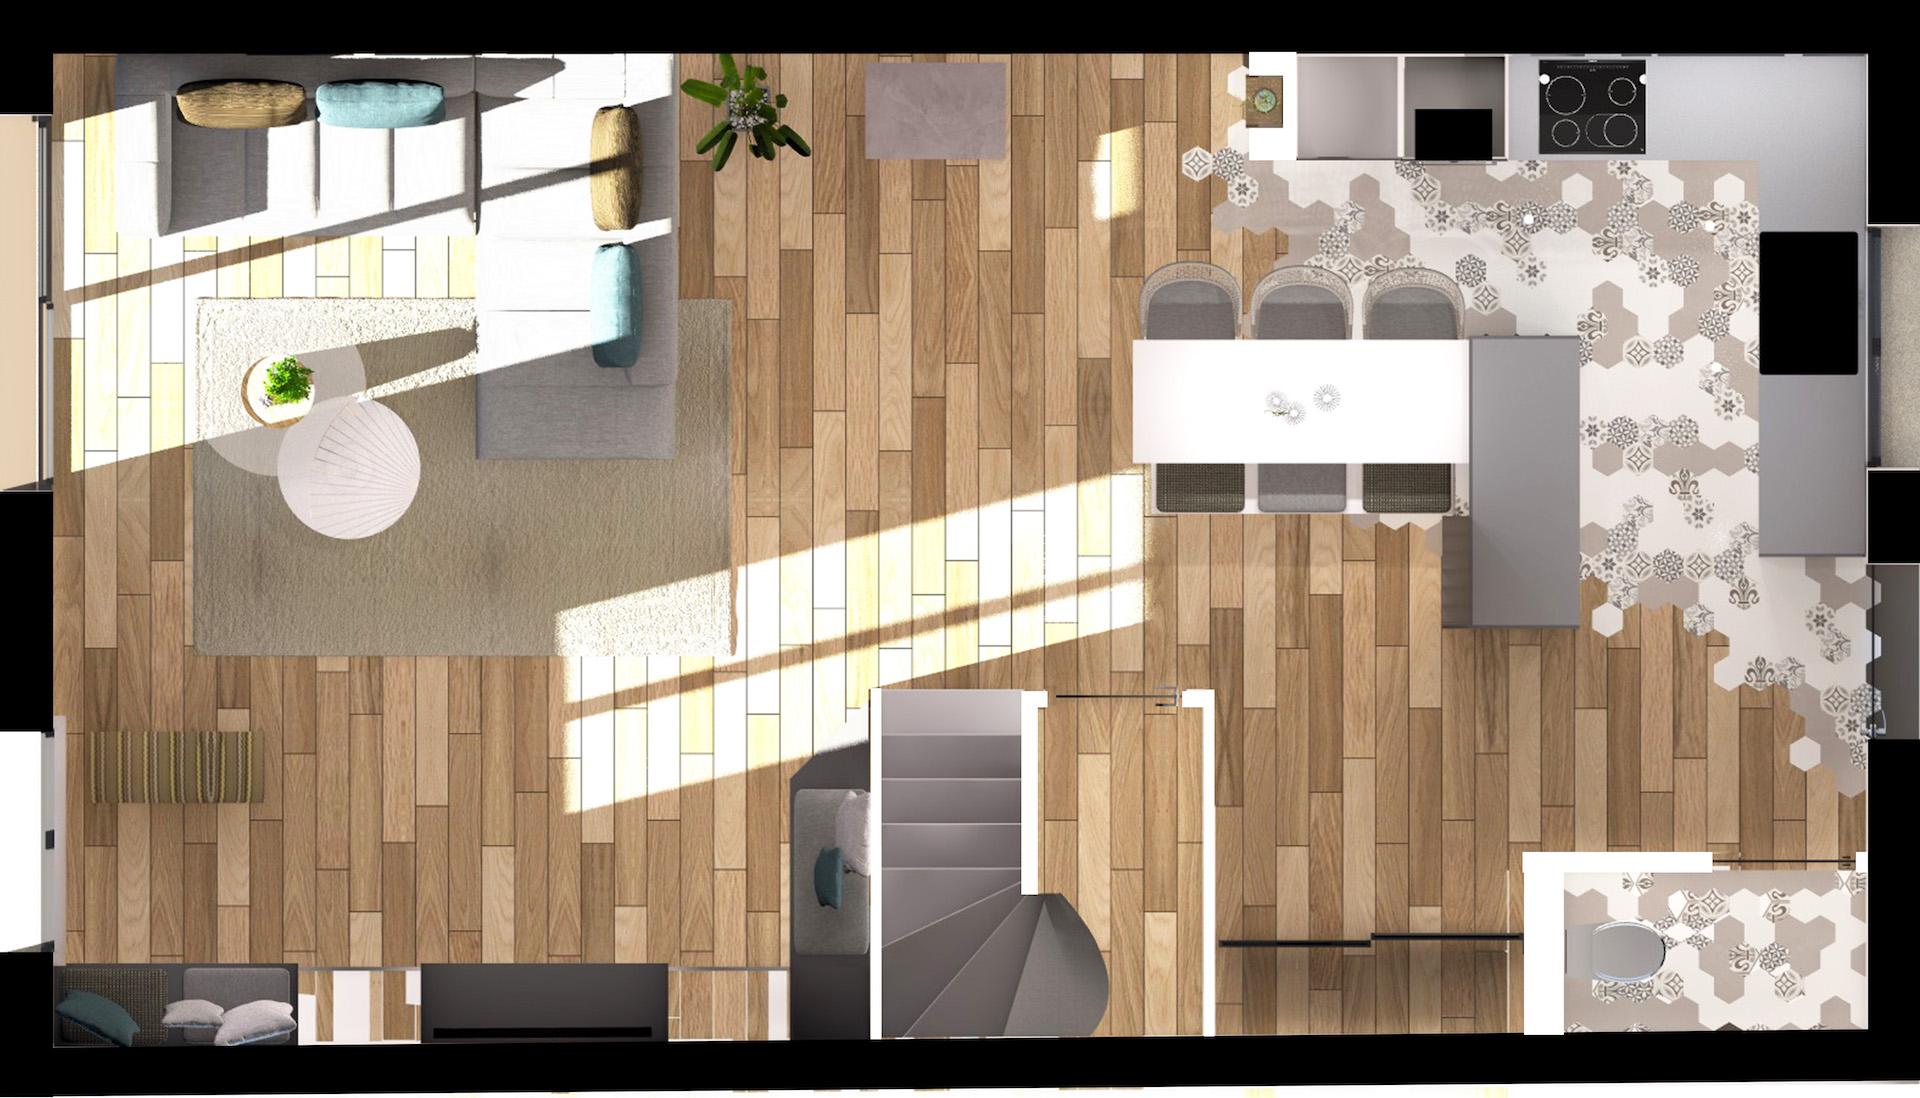 renovation architecte d'intérieur Mas de guerrevieille